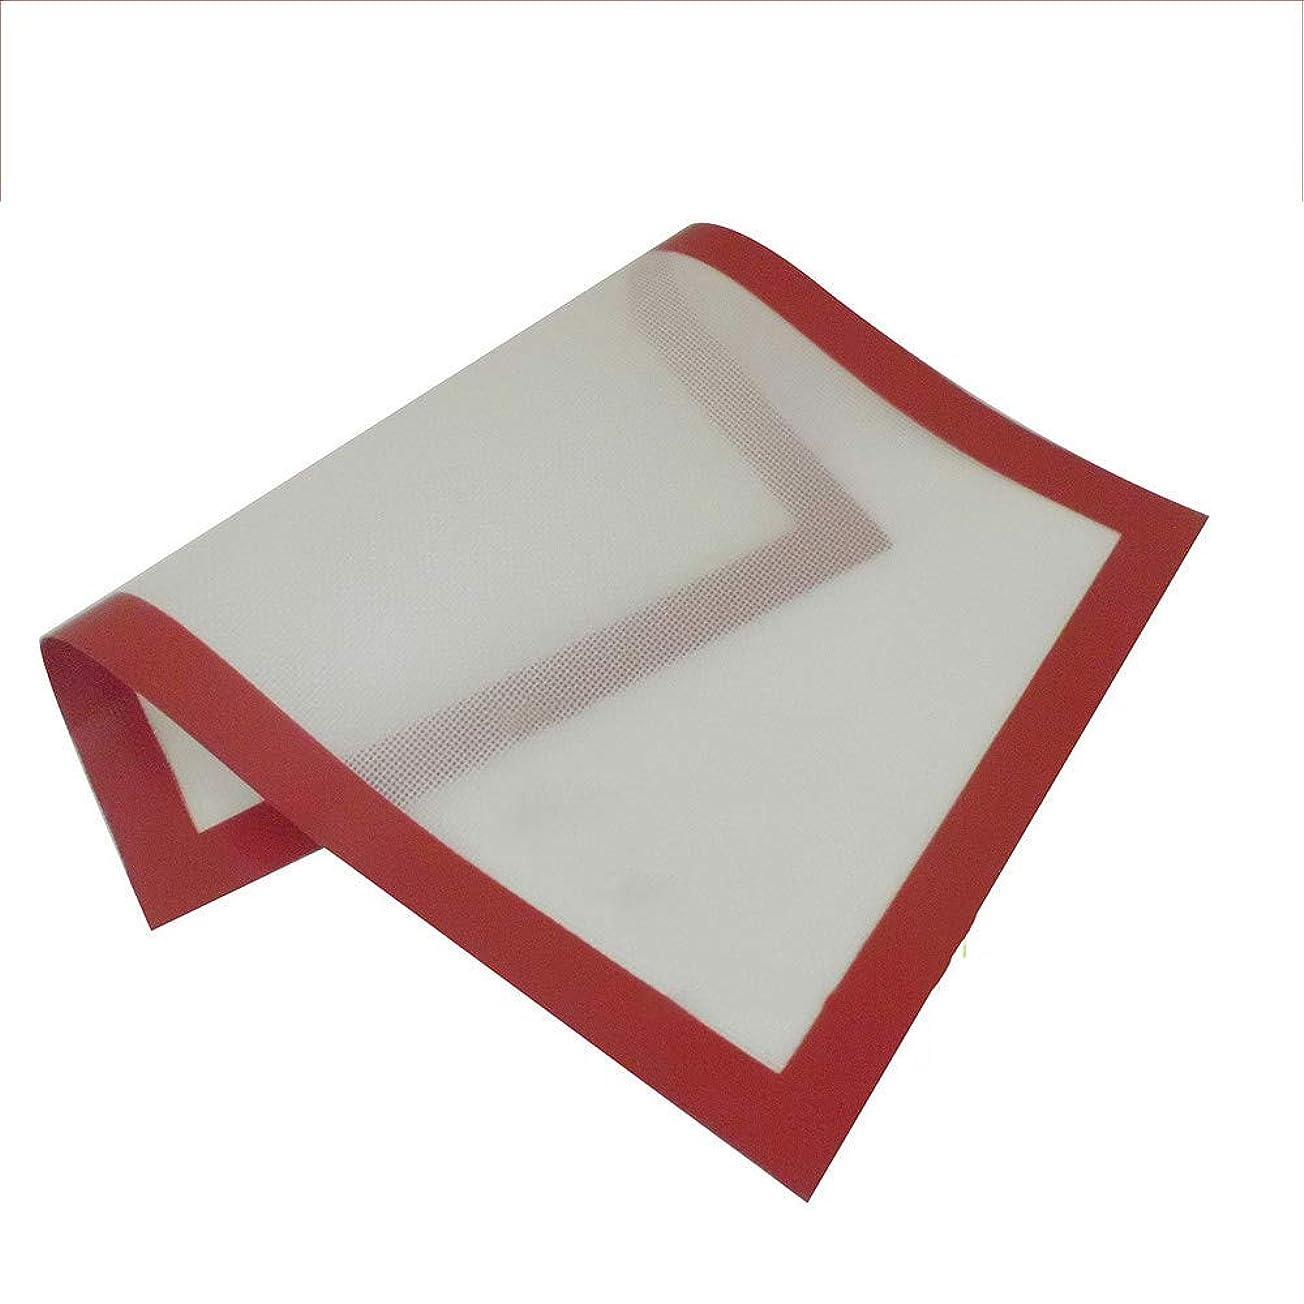 対応する適応実際シリコンマット 食品グレードシリコンノンスティックオーブンベーキングパッド太いハイ?耐熱グラスファイバーパッド